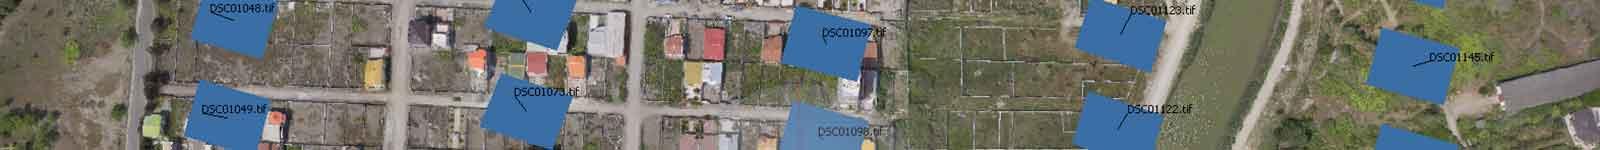 نقشه برداری هوایی عکس های هوایی